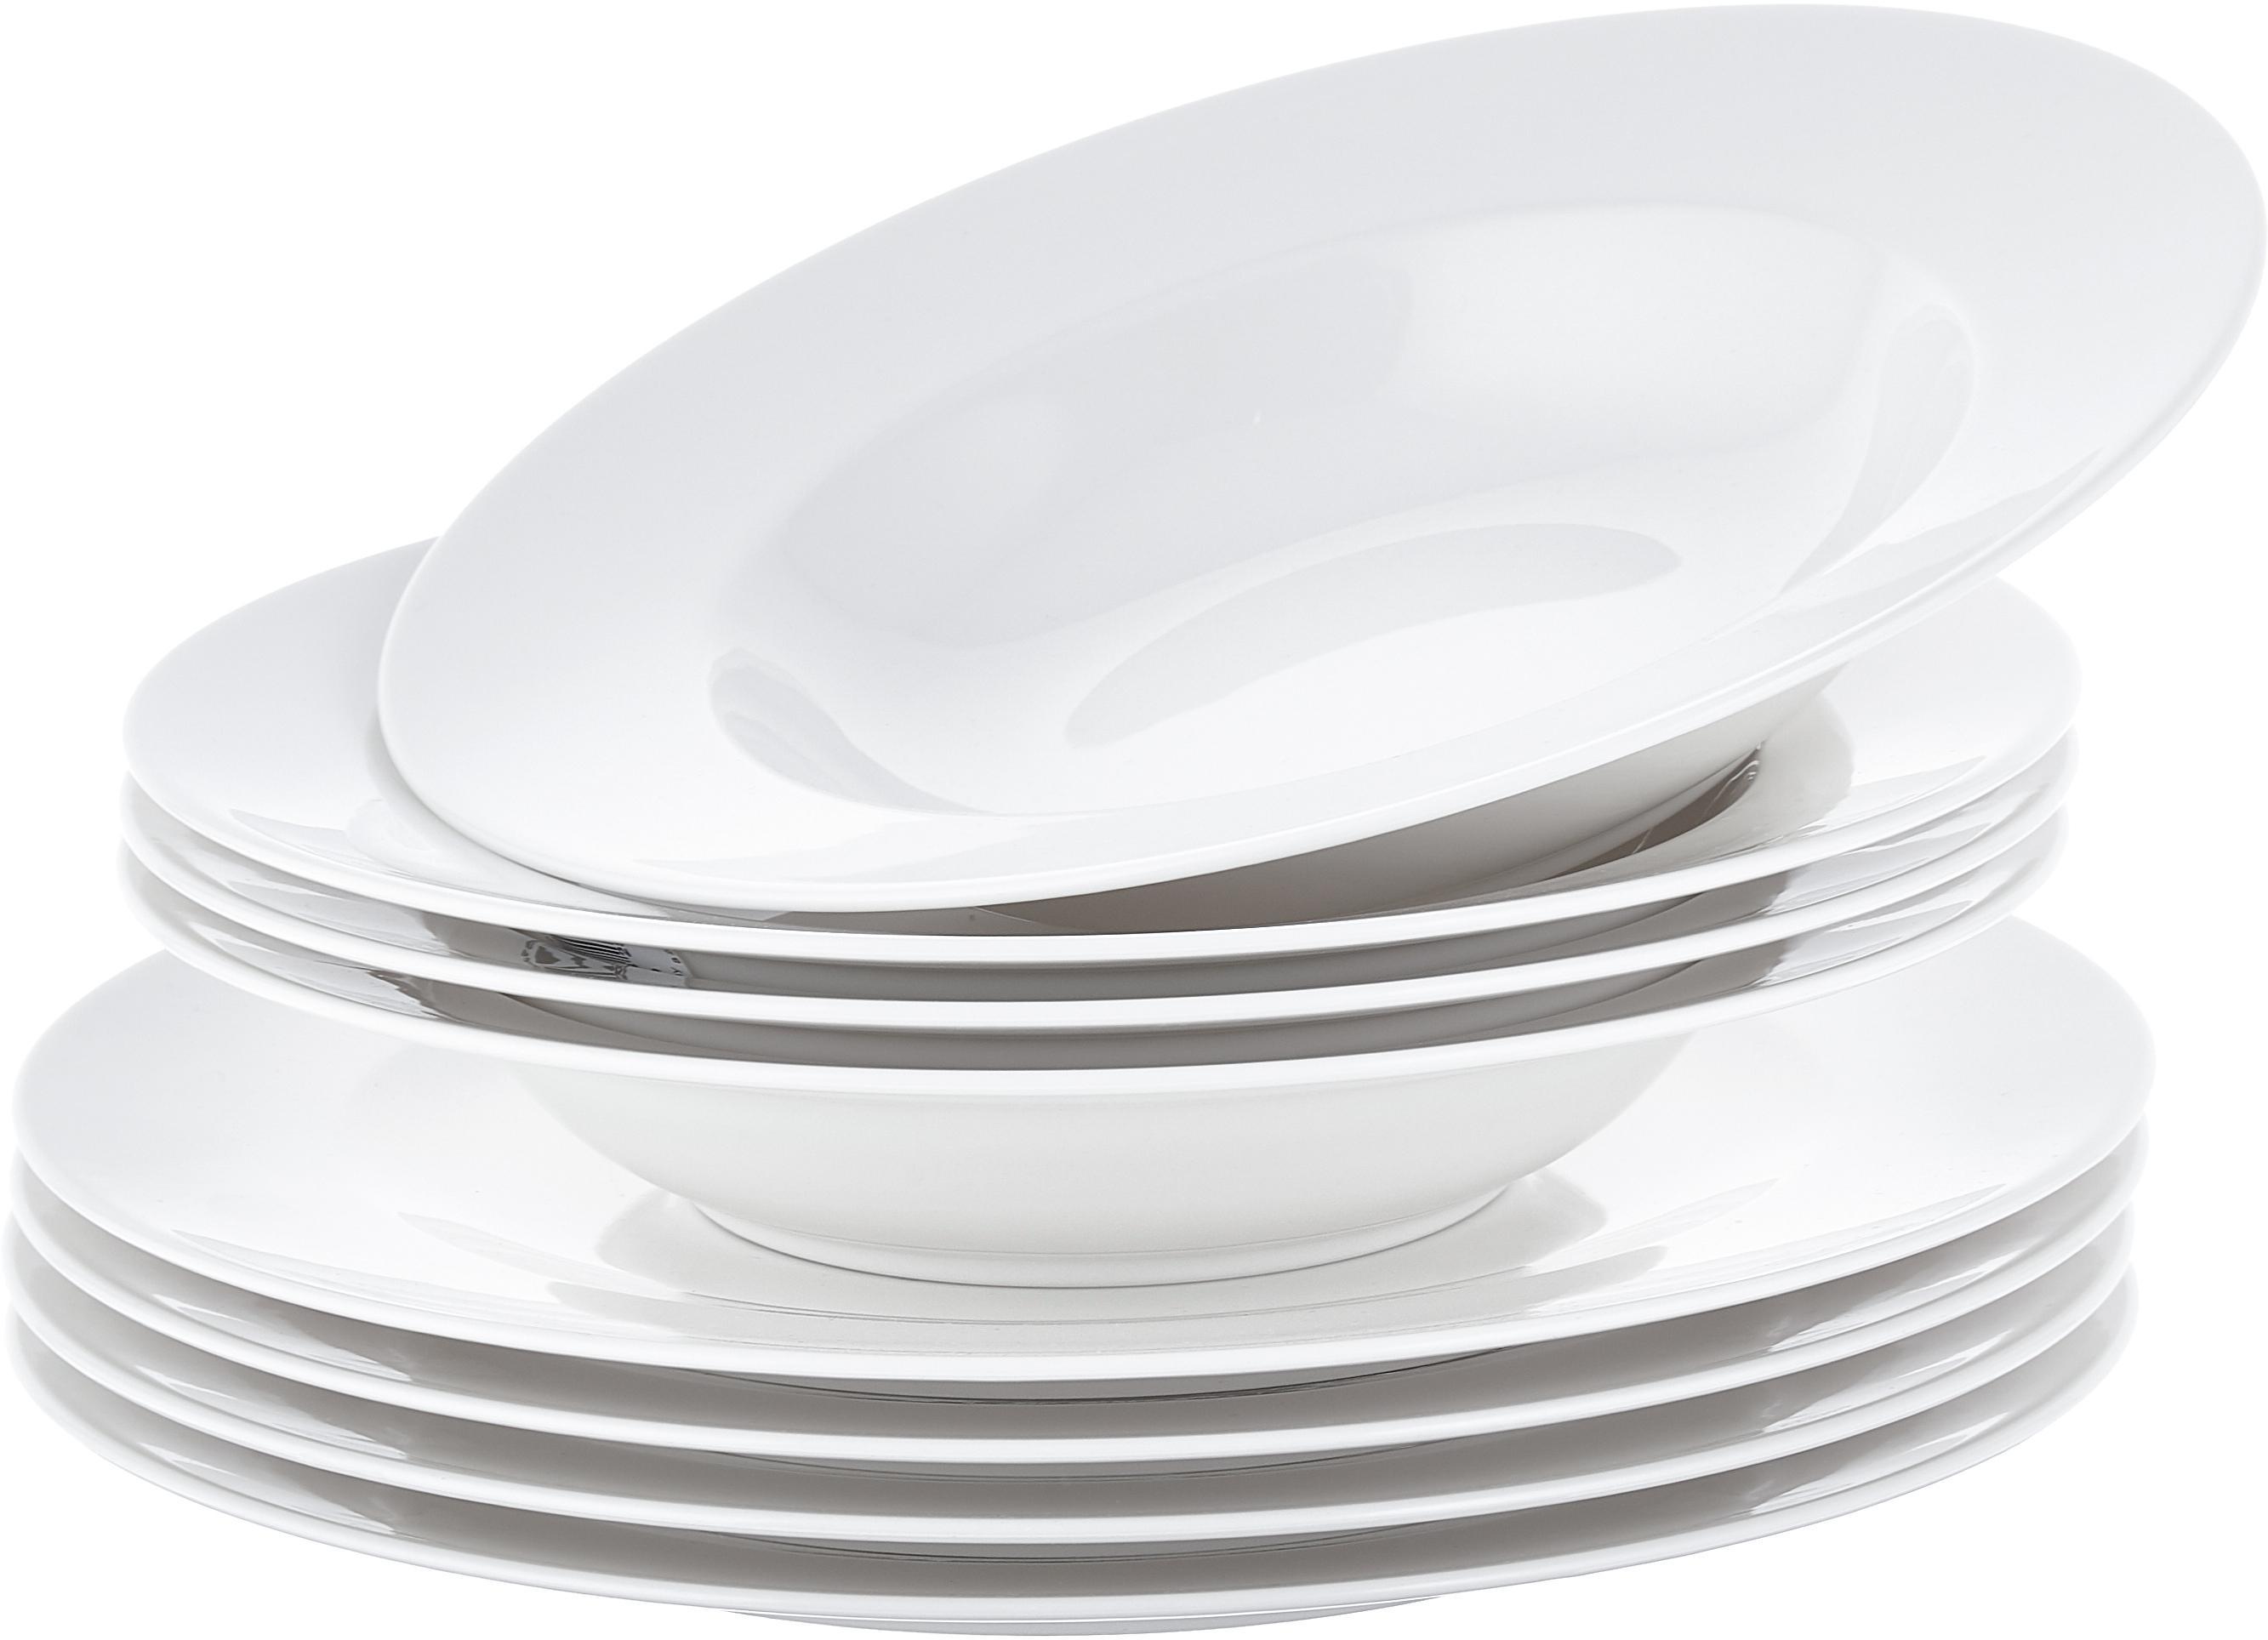 Servizio di porcellana For Me 8 pz, Porcellana, Bianco latteo, Diverse dimensioni